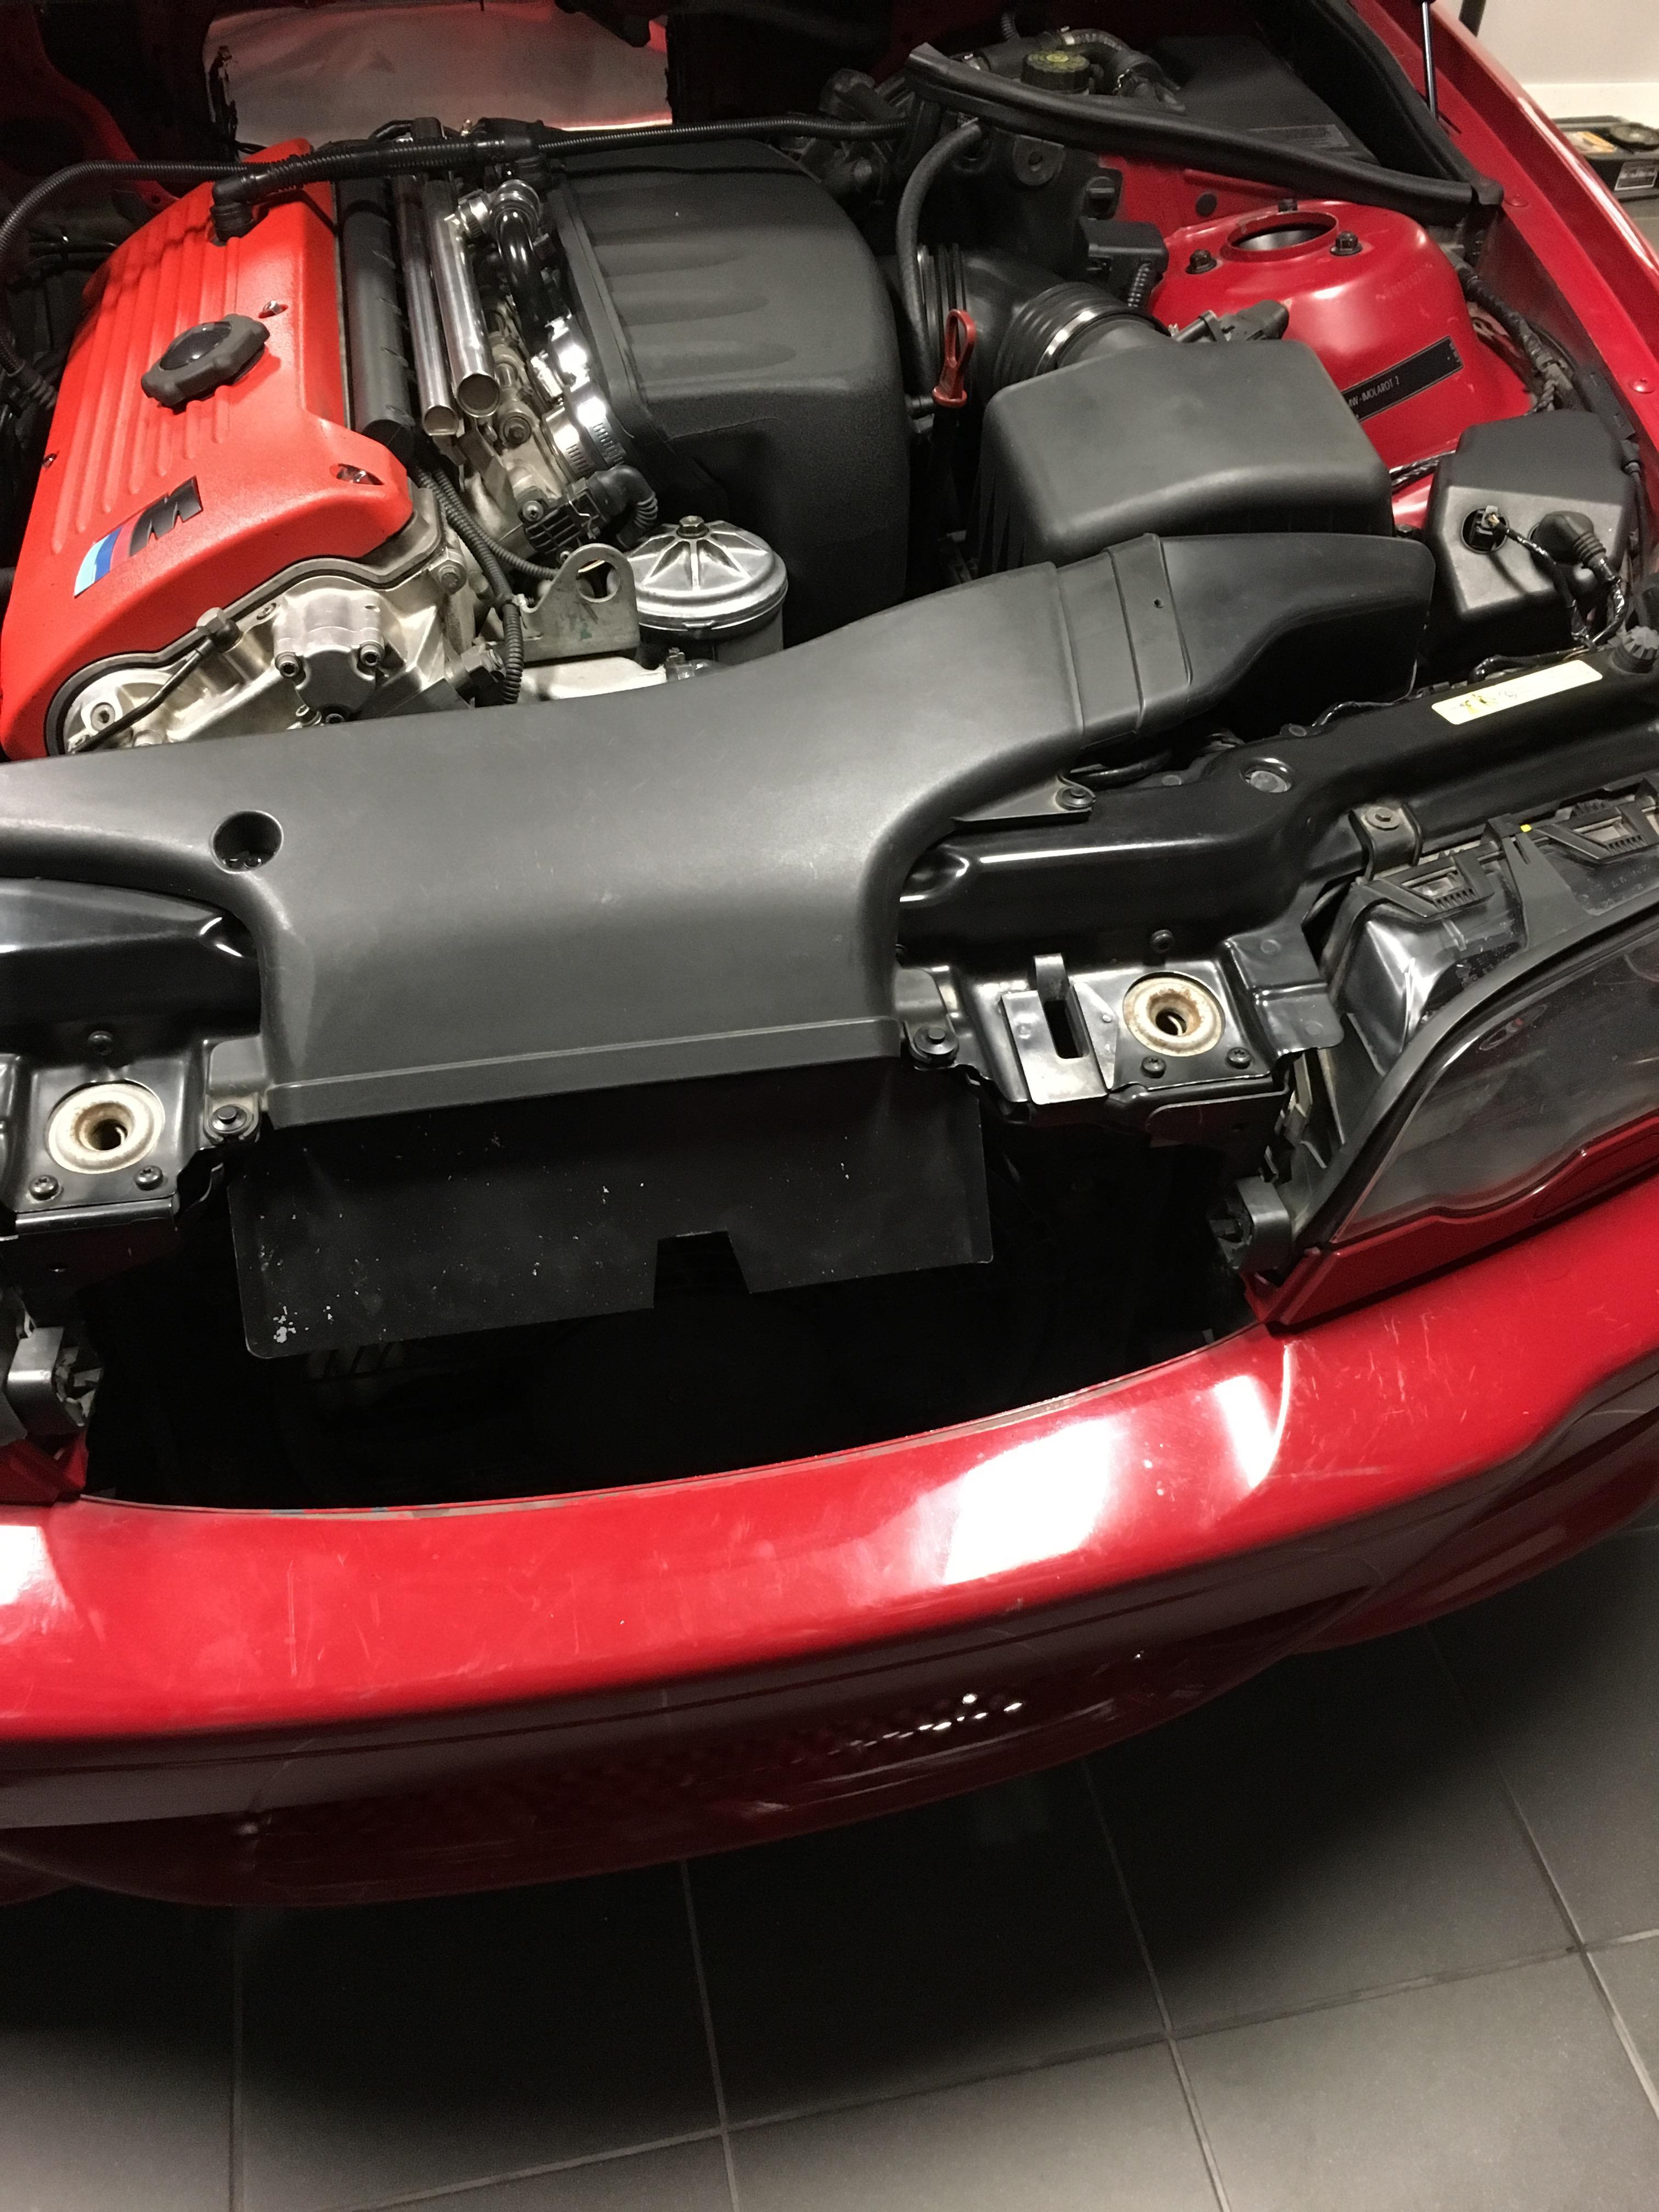 Bmw West Island >> BMW E46 M3 Race Car For Sale - $18000